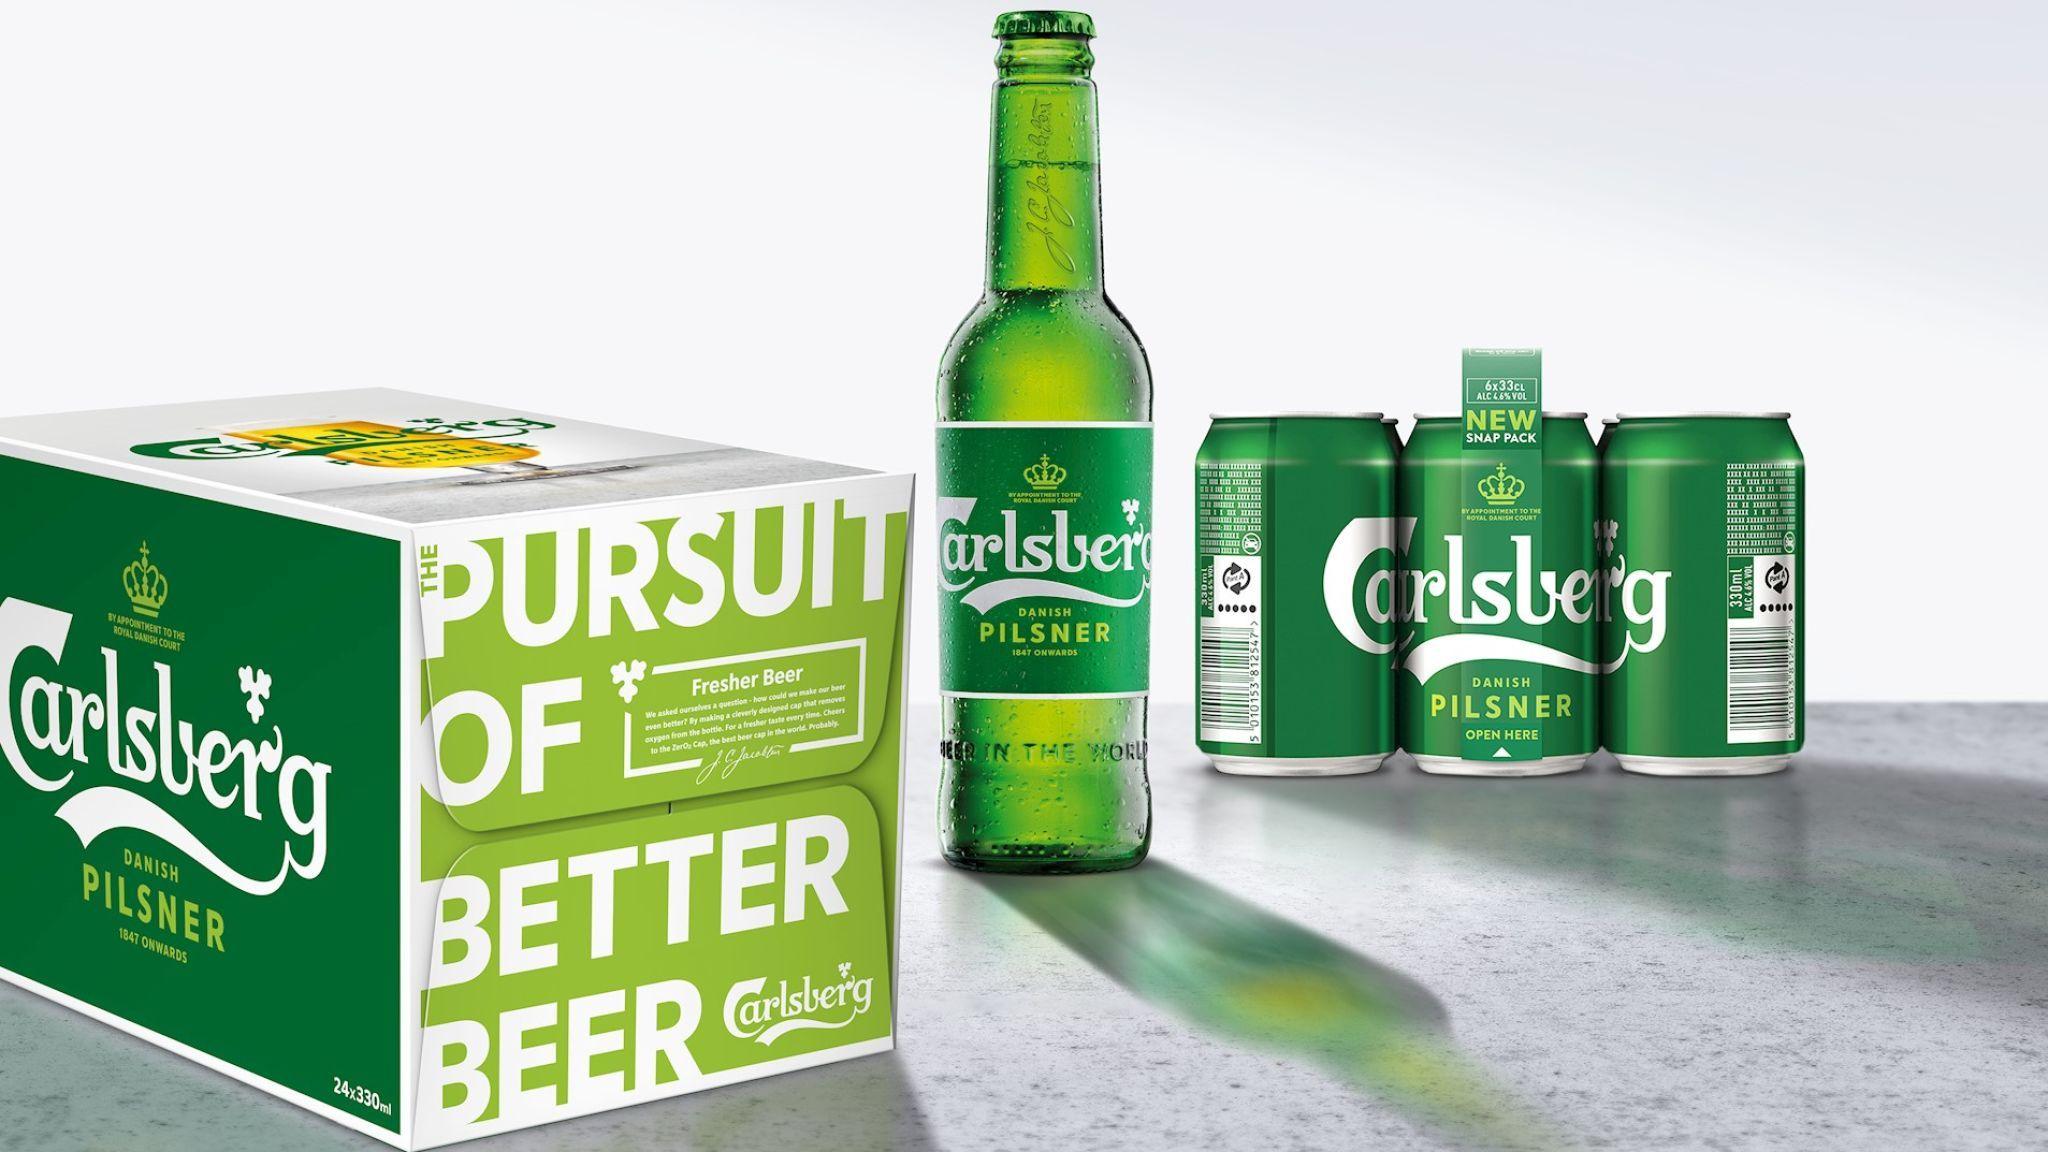 skynews-carlsberg-beer_4642256.jpg